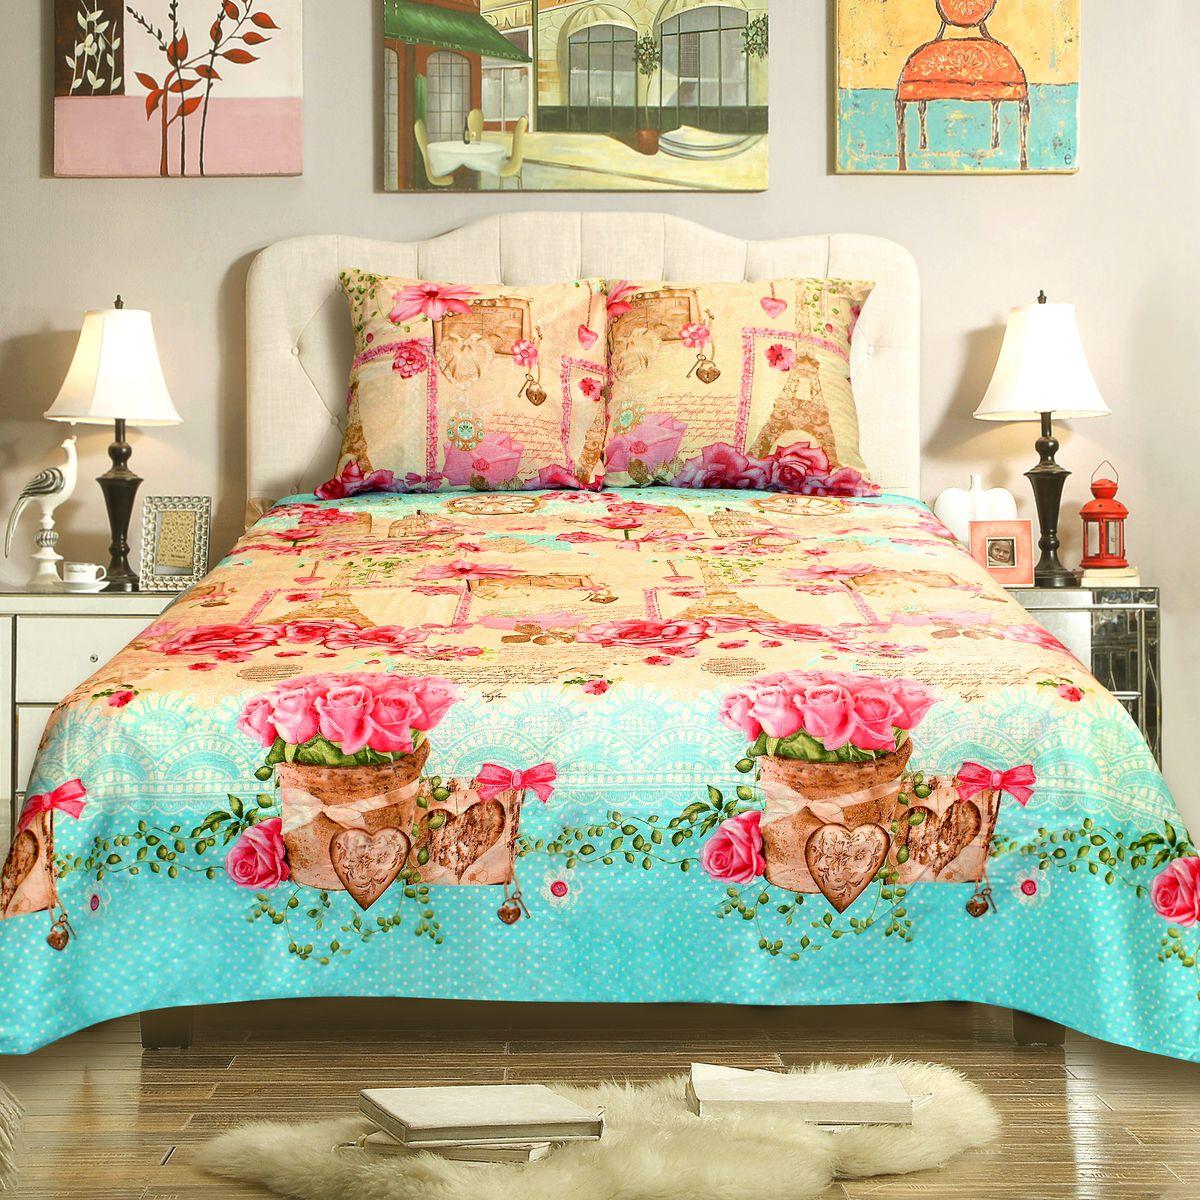 Комплект белья Amore Mio Paris, 2-спальный, наволочки 70x70, цвет: зеленый, розовый, молочный78410Бязь - традиционная российская ткань для постельного белья. Постельное белье из бязи практично и долговечно, а самое главное - это 100% хлопок! Материал великолепно отводит влагу, отлично пропускает воздух, не капризен в уходе, легко стирается и гладится. Новая коллекция Naturel 3-D дизайнов позволит выбрать постельное белье на любой вкус!